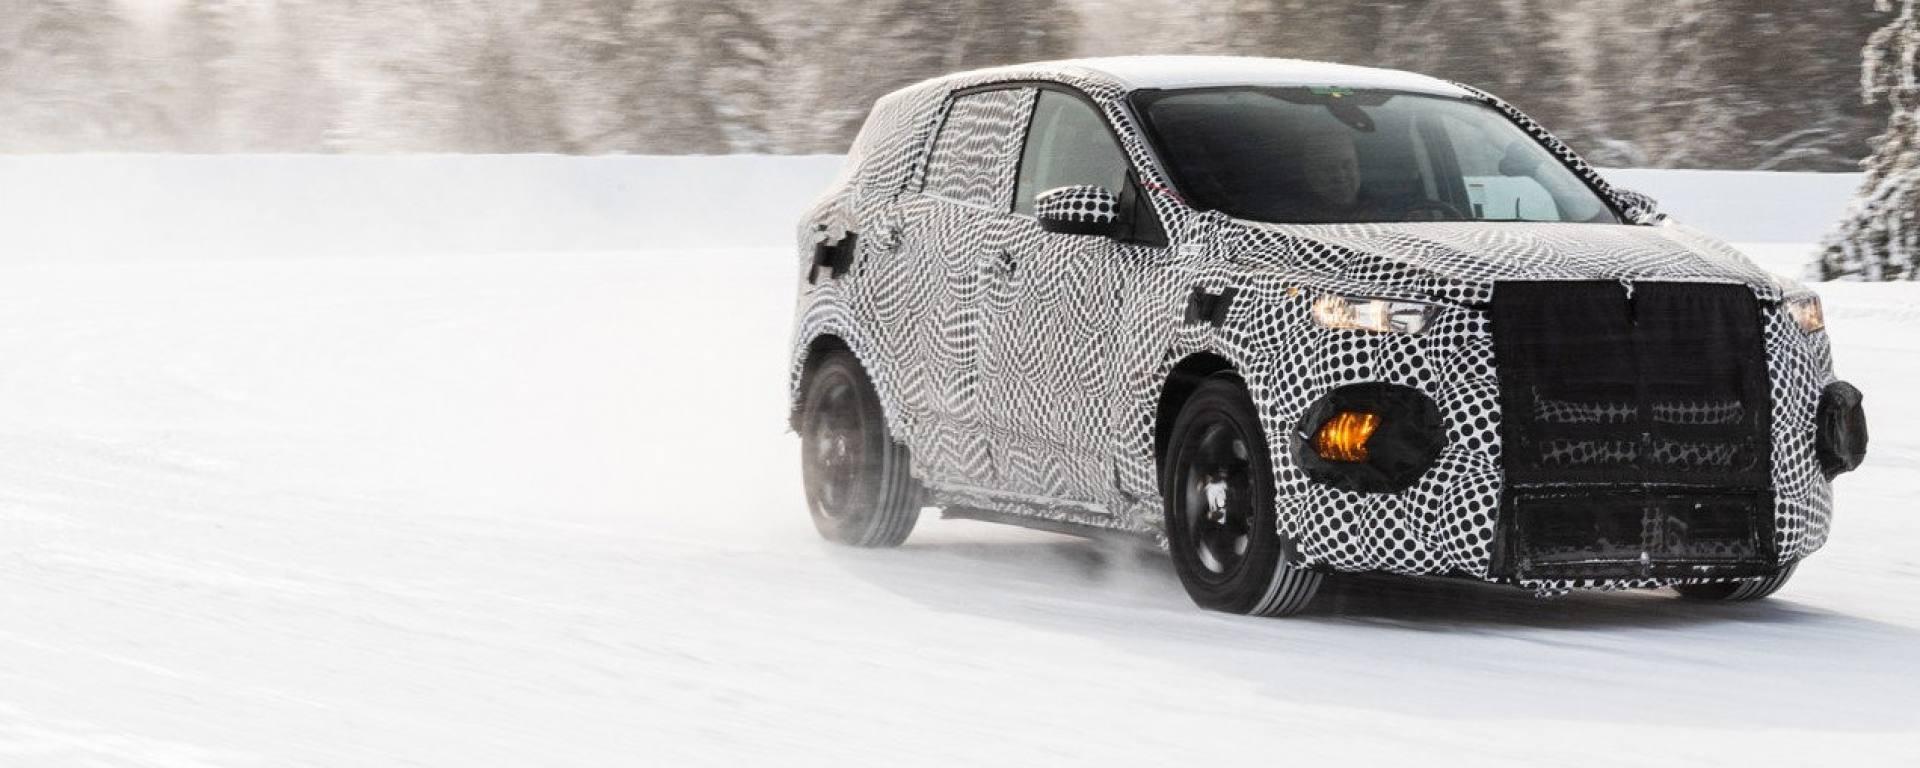 Появились некоторые подробности о будущем электрокроссовере, вдохновлённом культовым Ford Mustang.